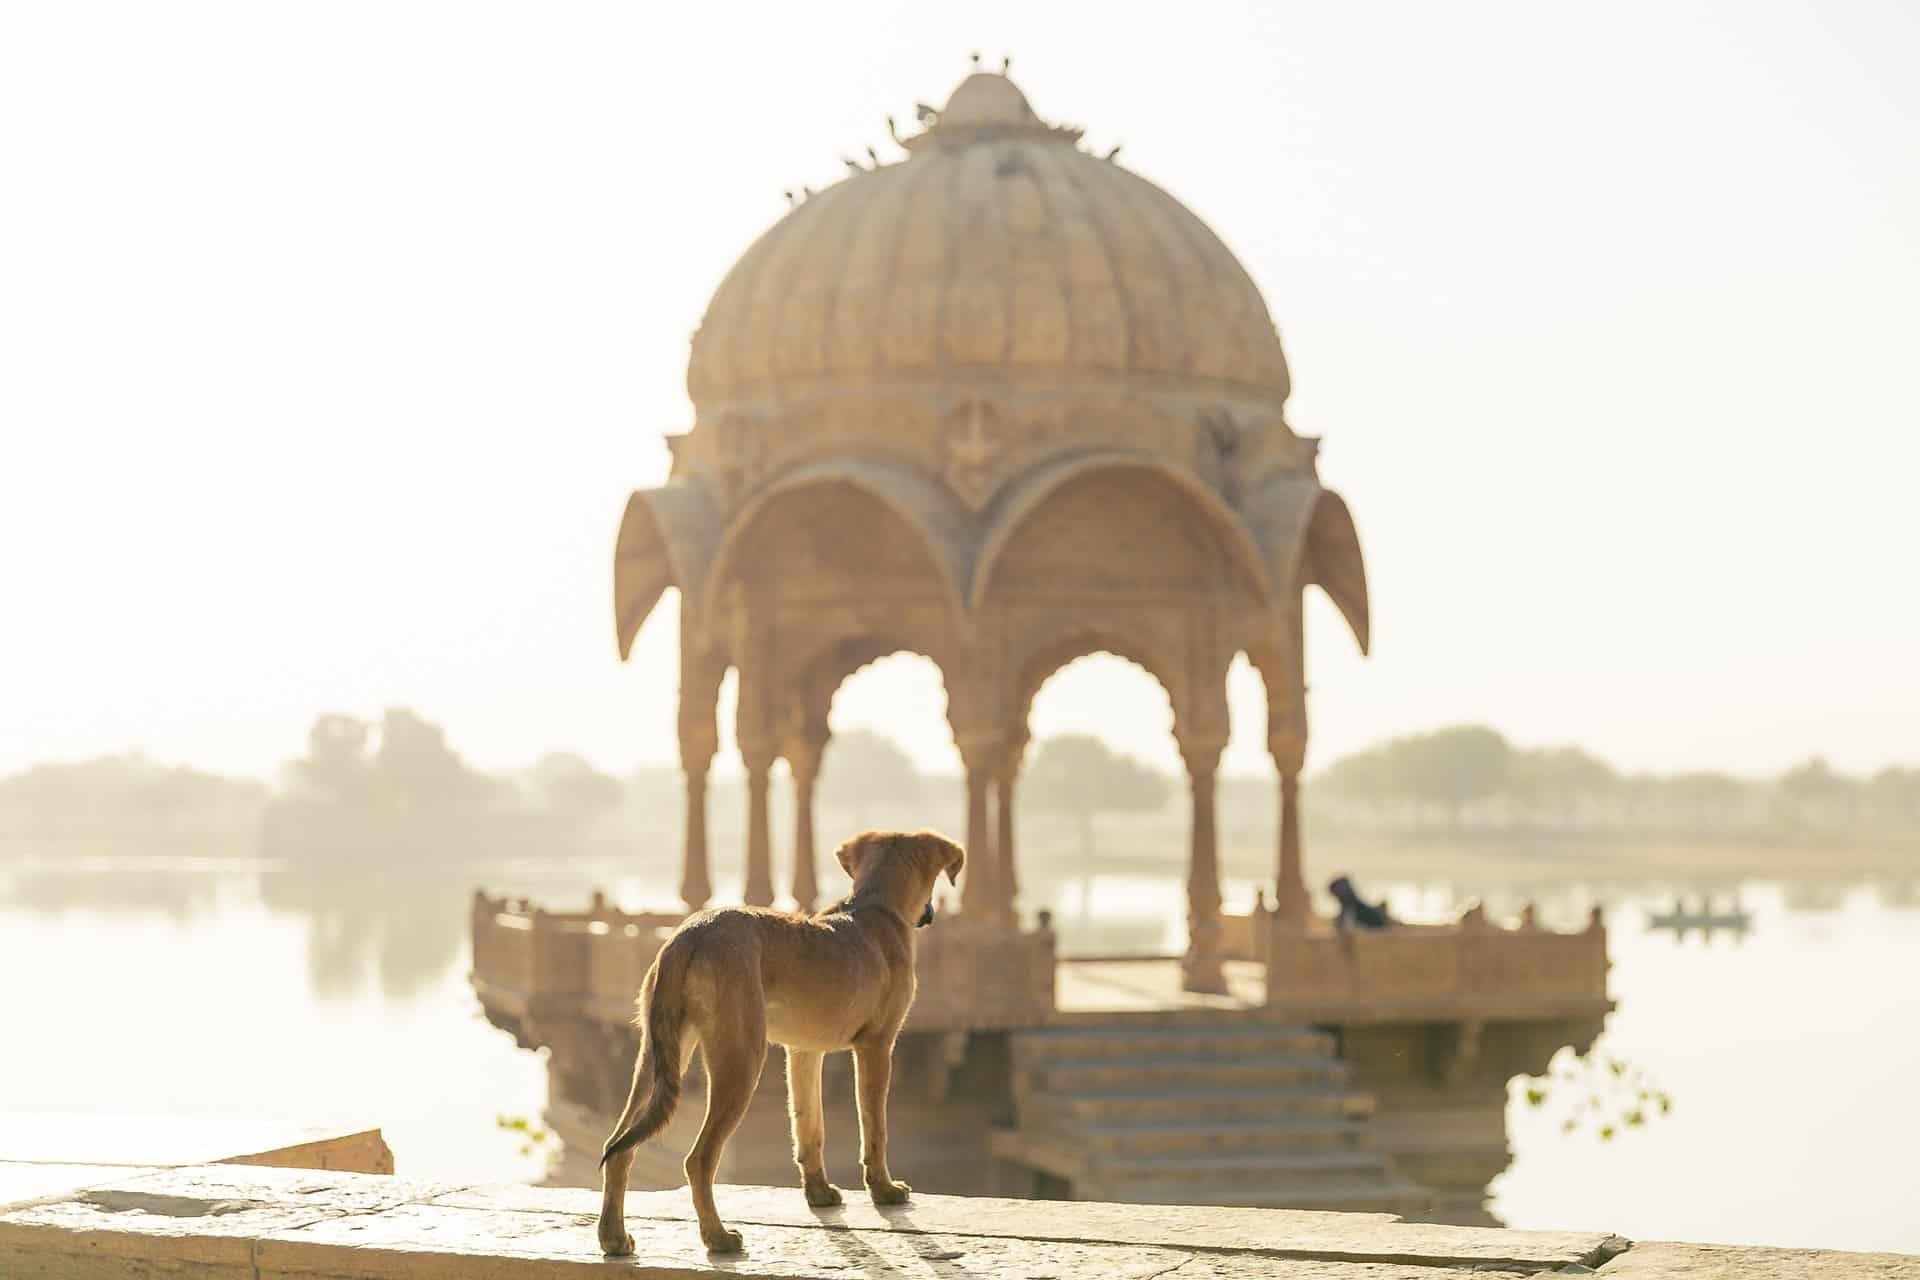 Volontariato internazionale in India con gli animali di strada